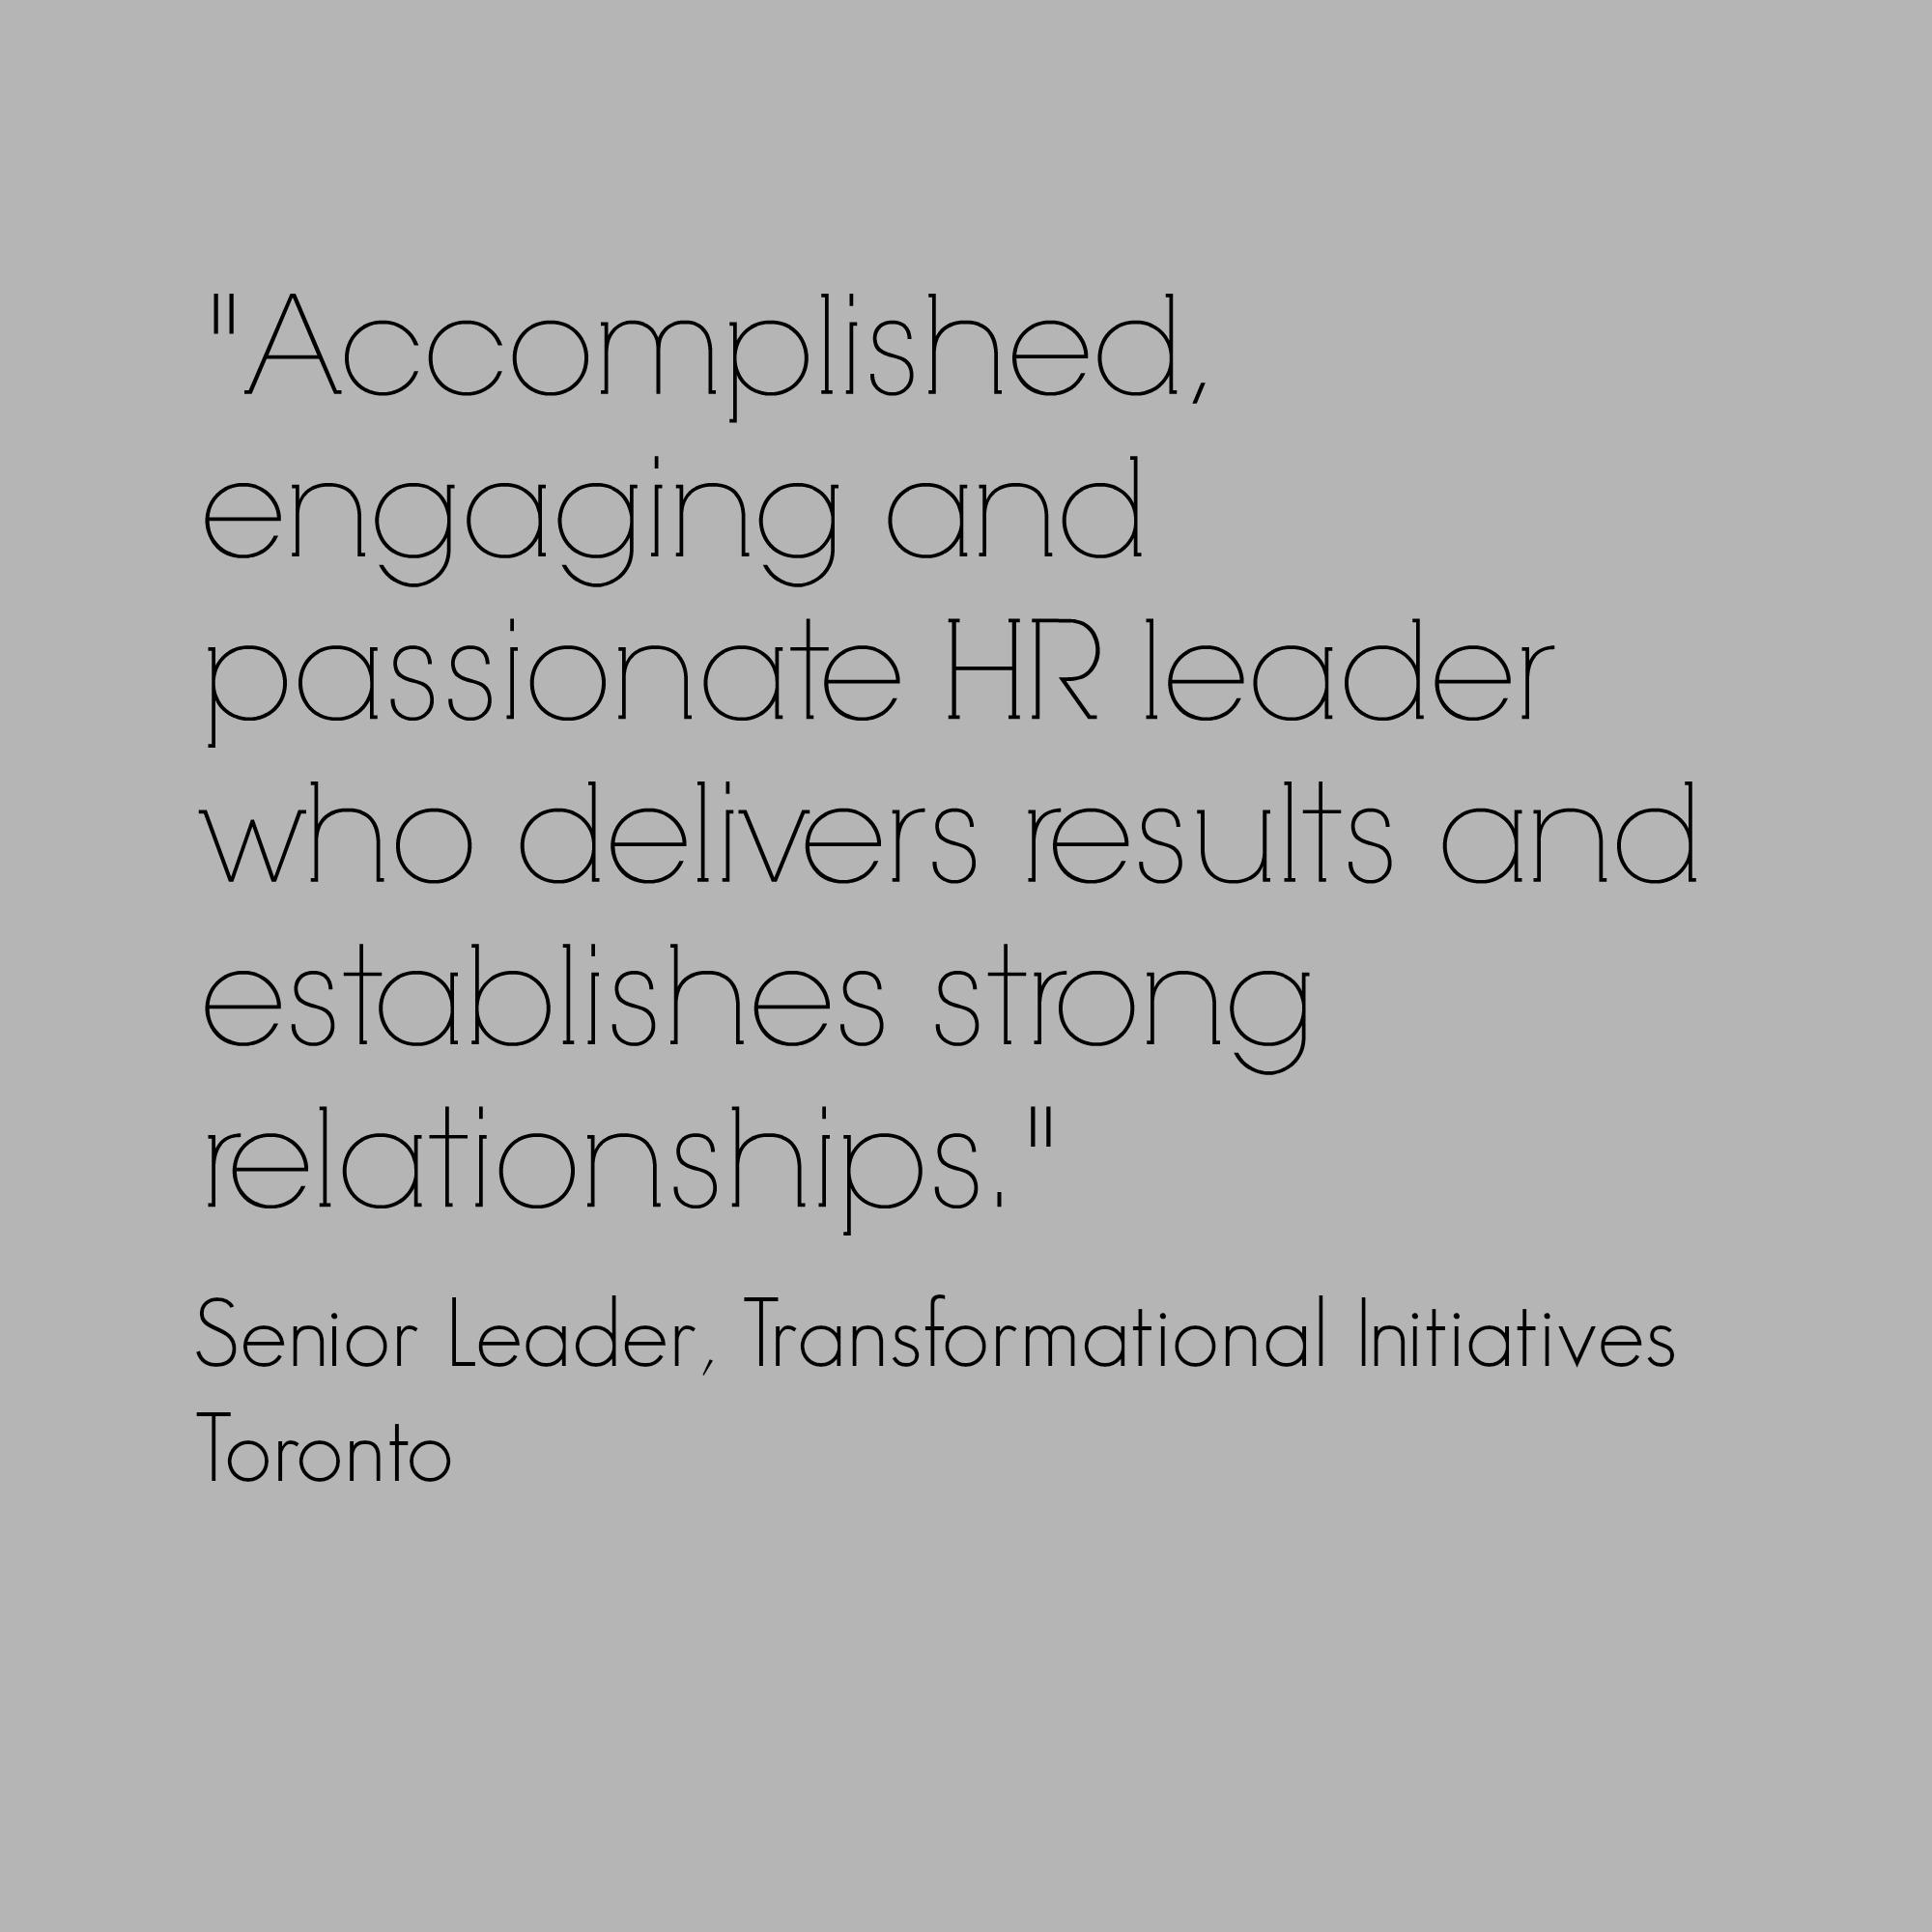 passionate HR leader